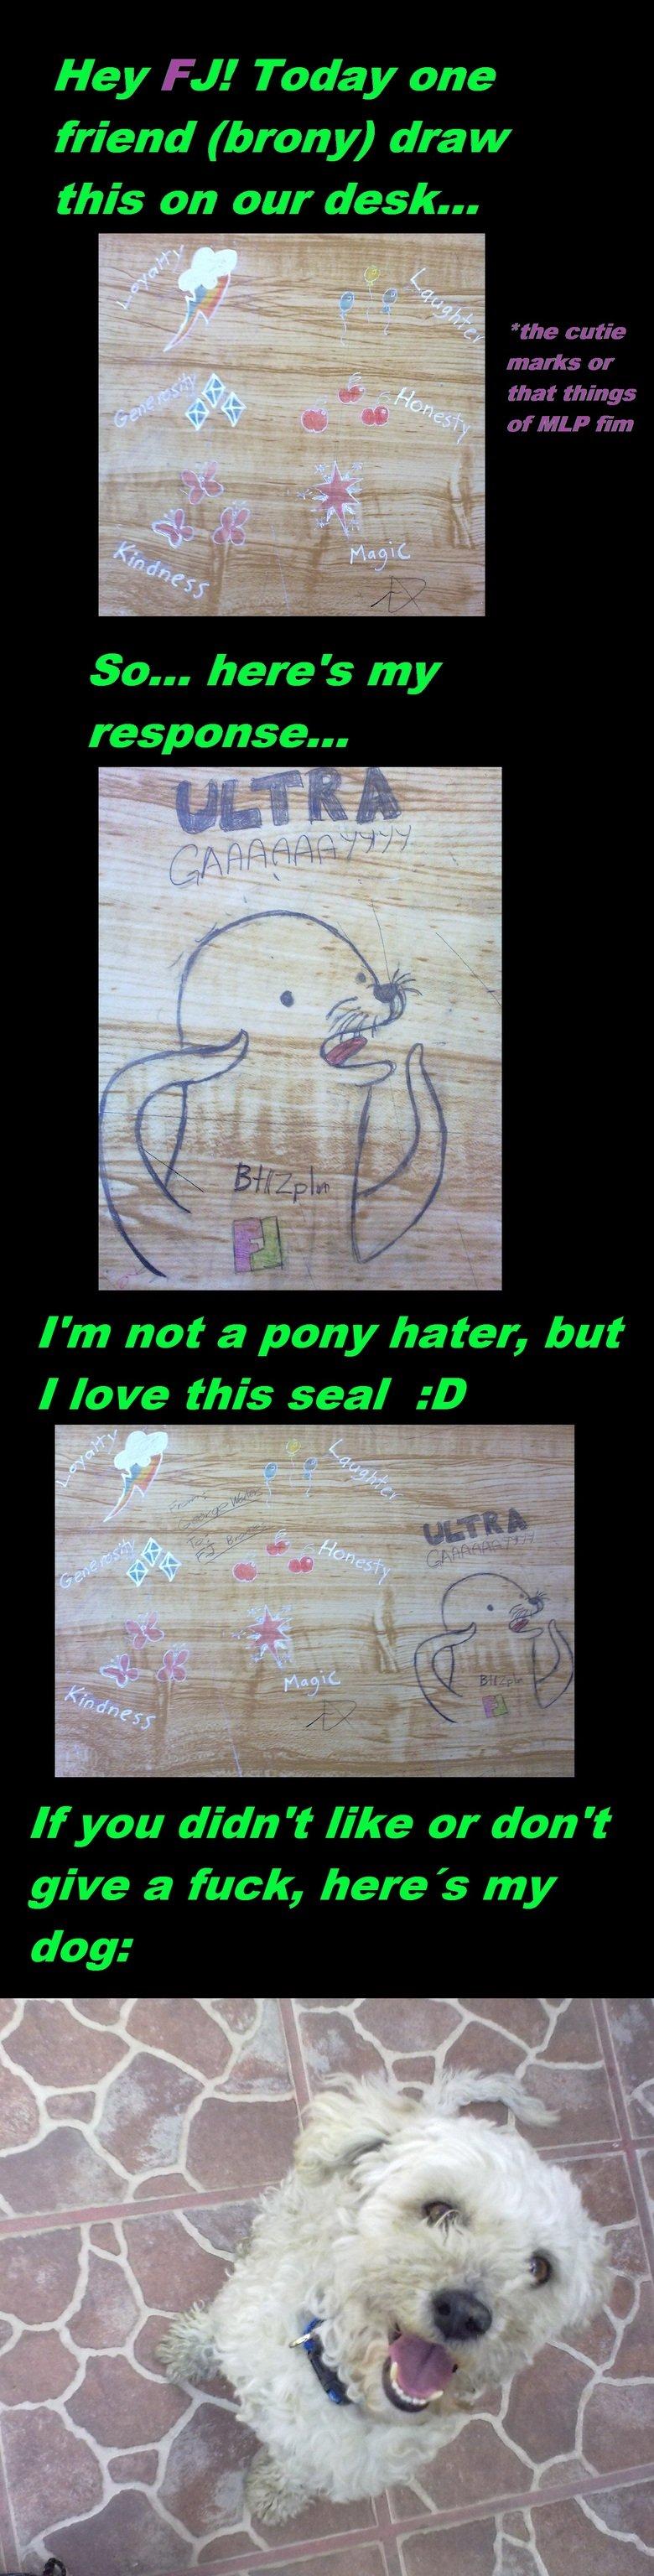 Ultra gay seal. Look at tags.